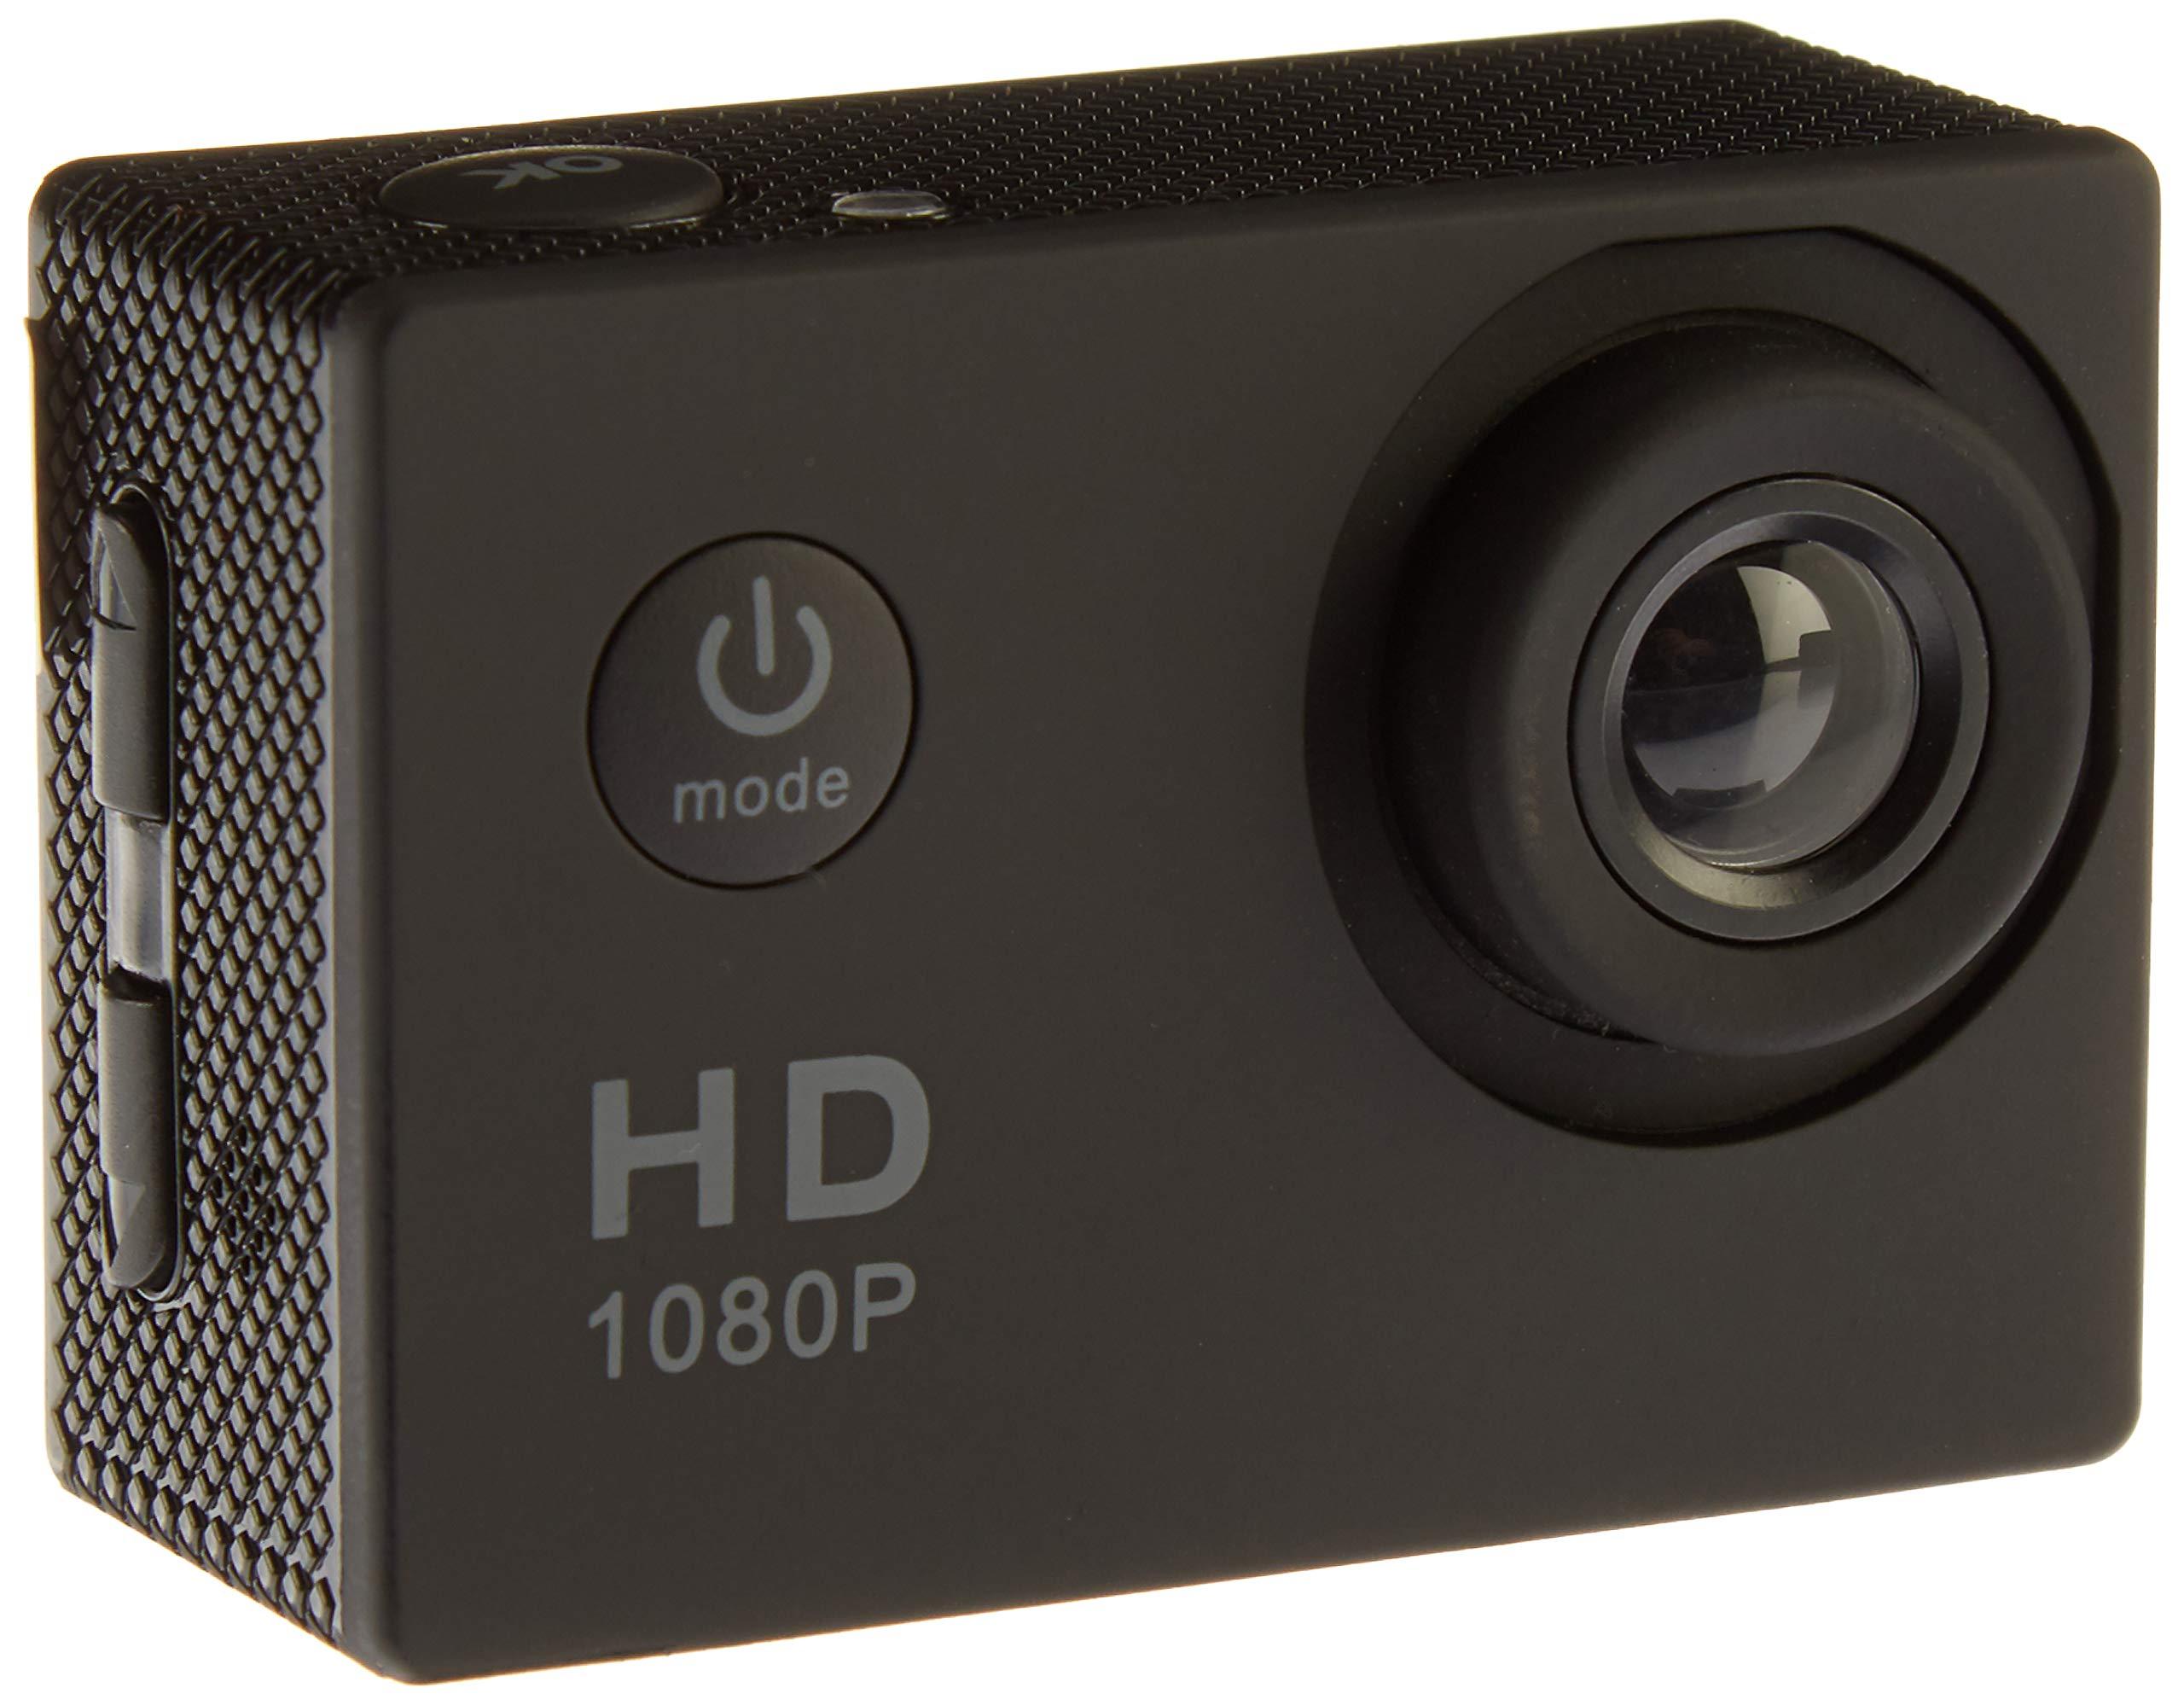 アクションカメラ、 12 MP 1080 P 2インチLCDスクリーン、防水モーションカム120度広角レンズ、30 mモーションカメラ2つの充電式バッテリーとマウントキット1080 T 06